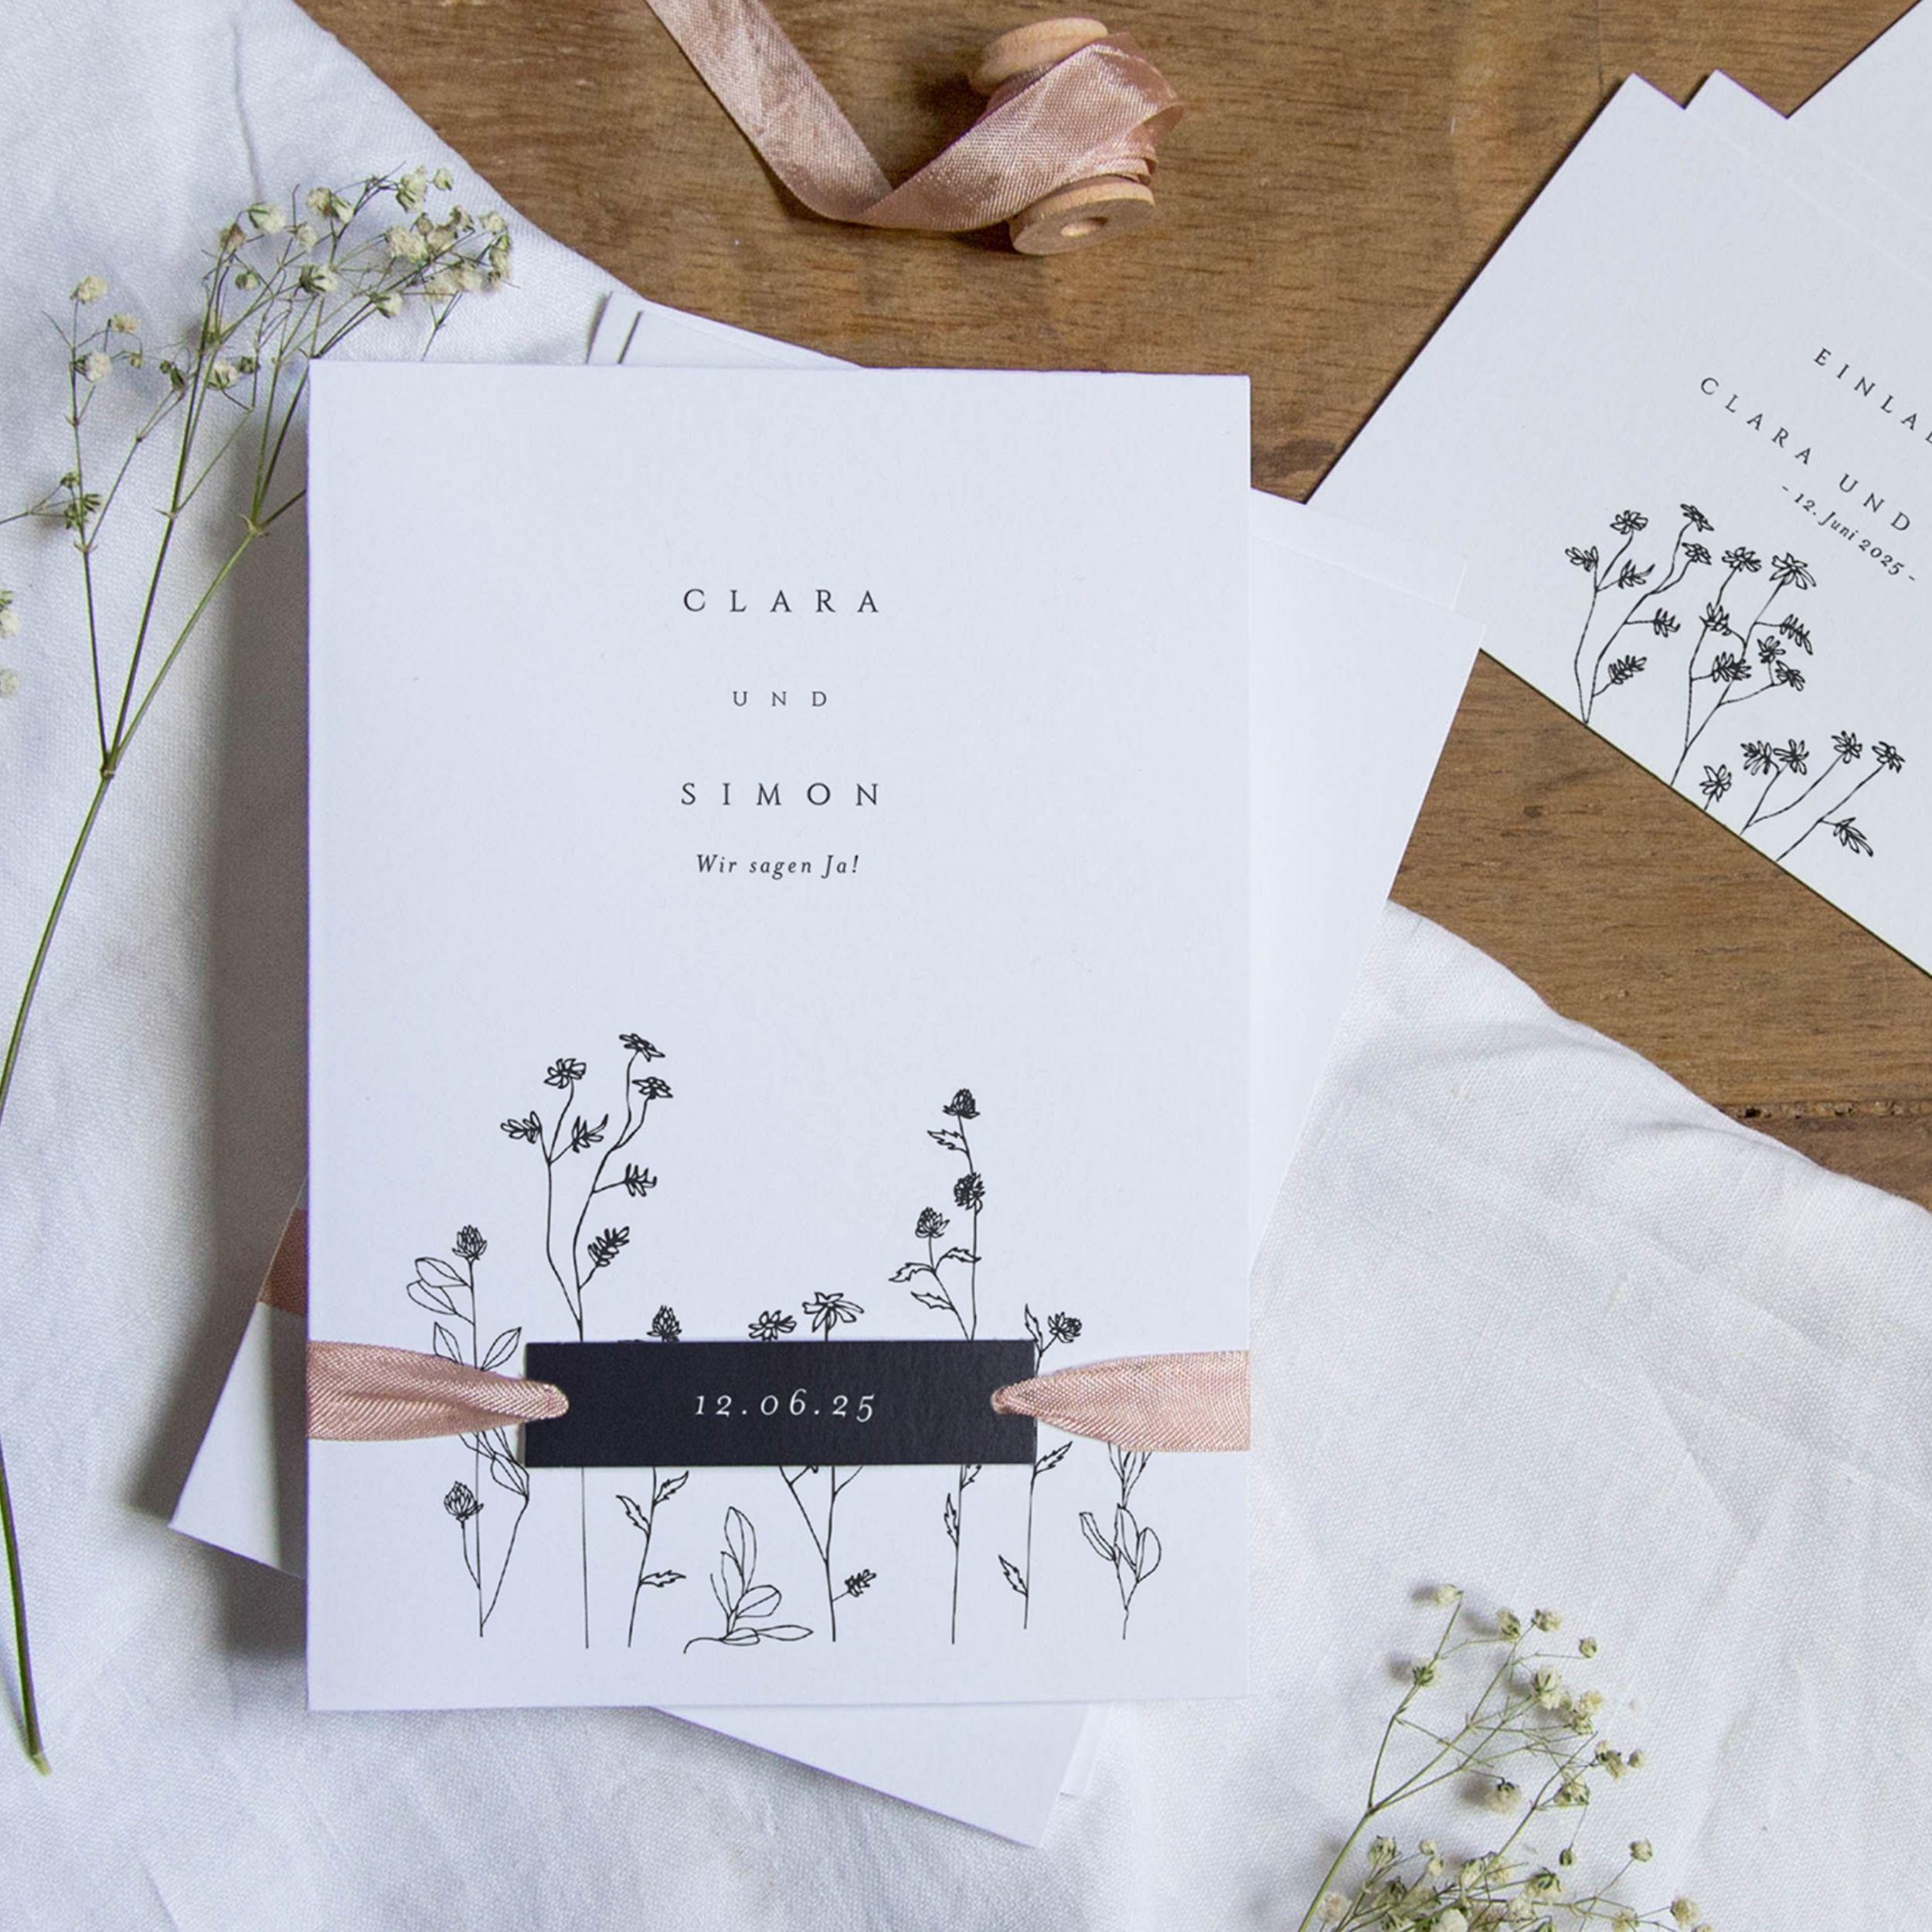 Invitación de boda | Delicadeza y compañía